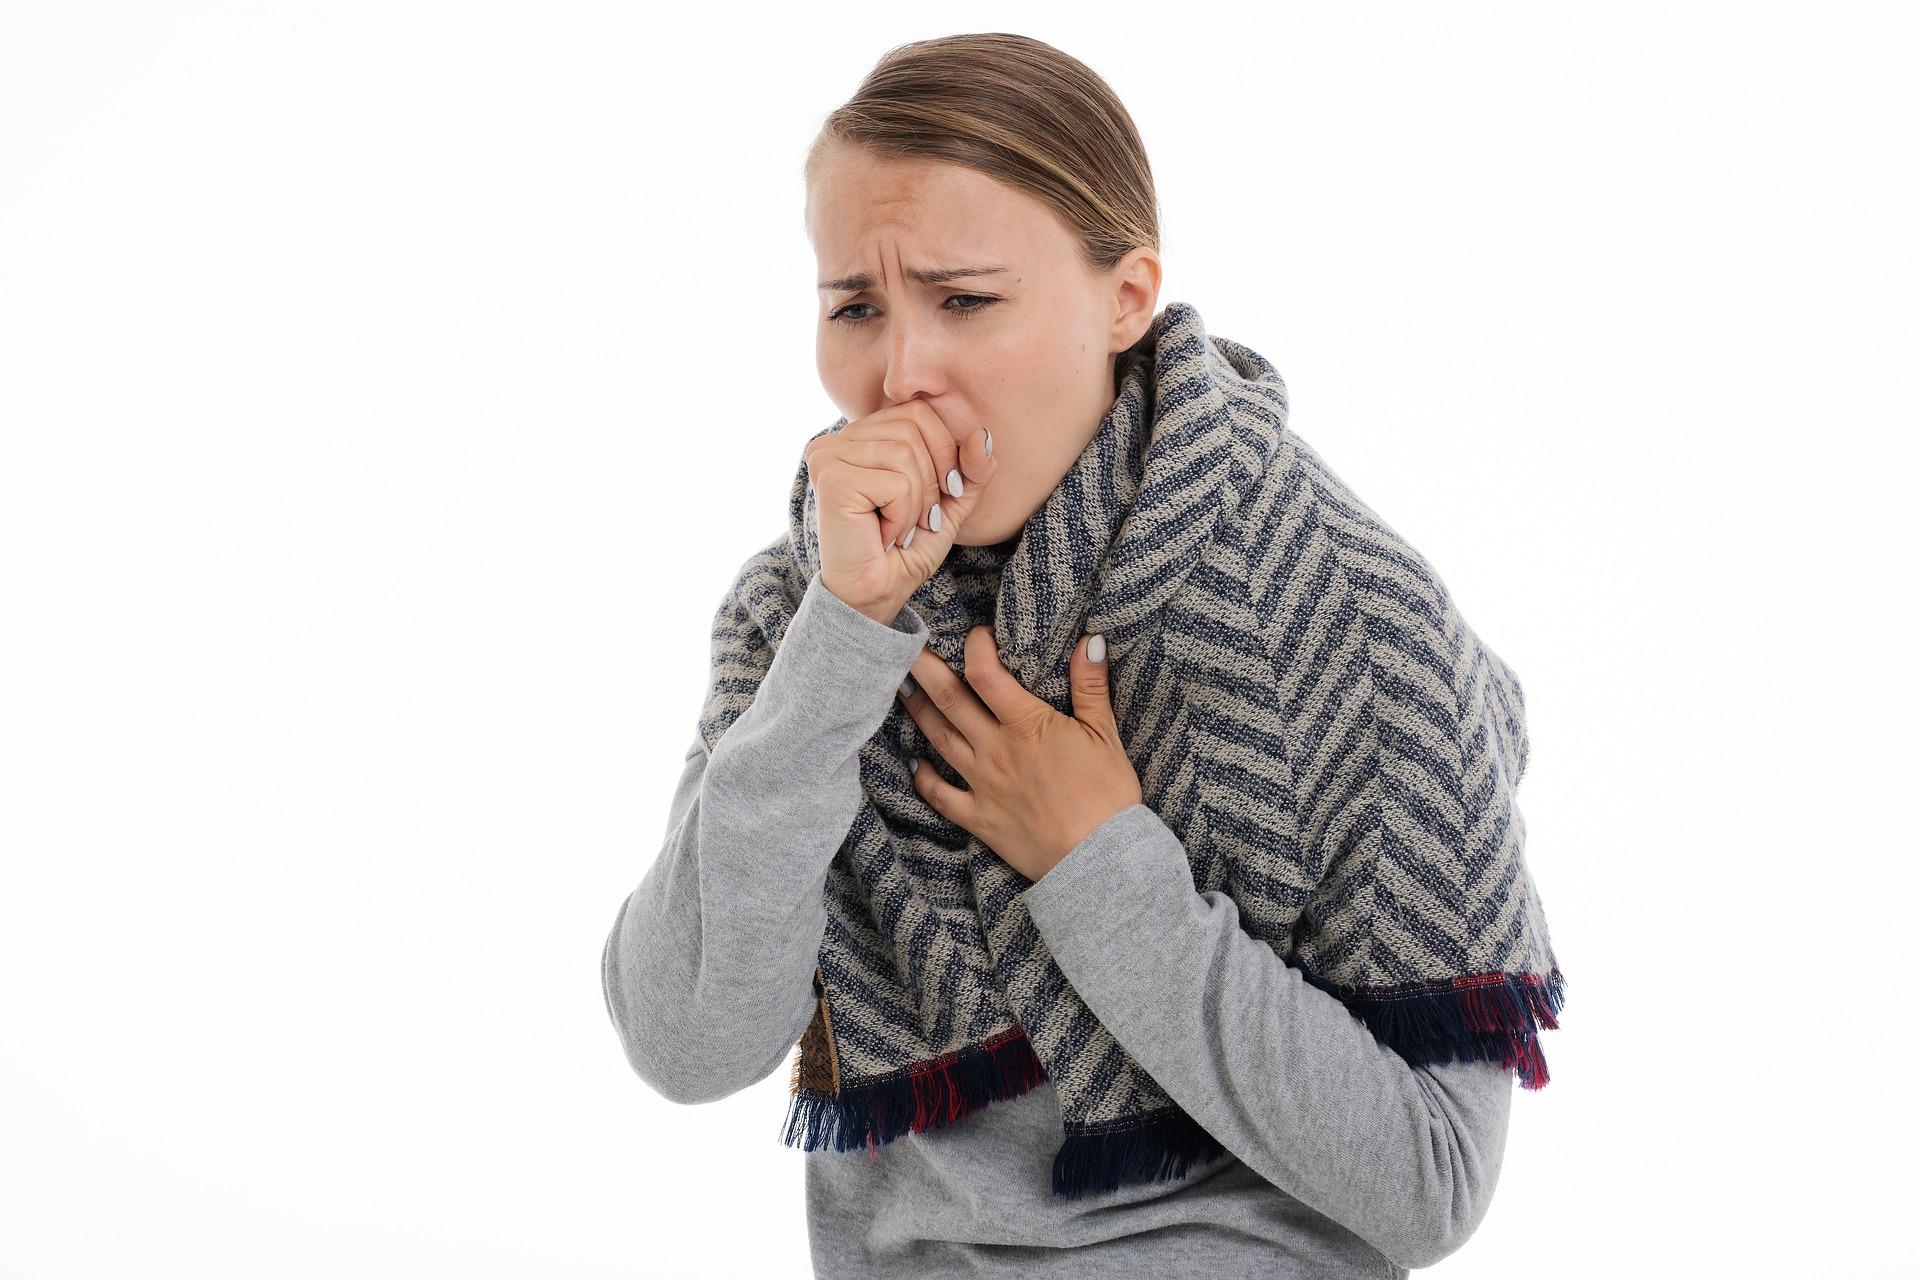 Kašelj: poznamo različne vrste kašlja – a kaj pomenijo?